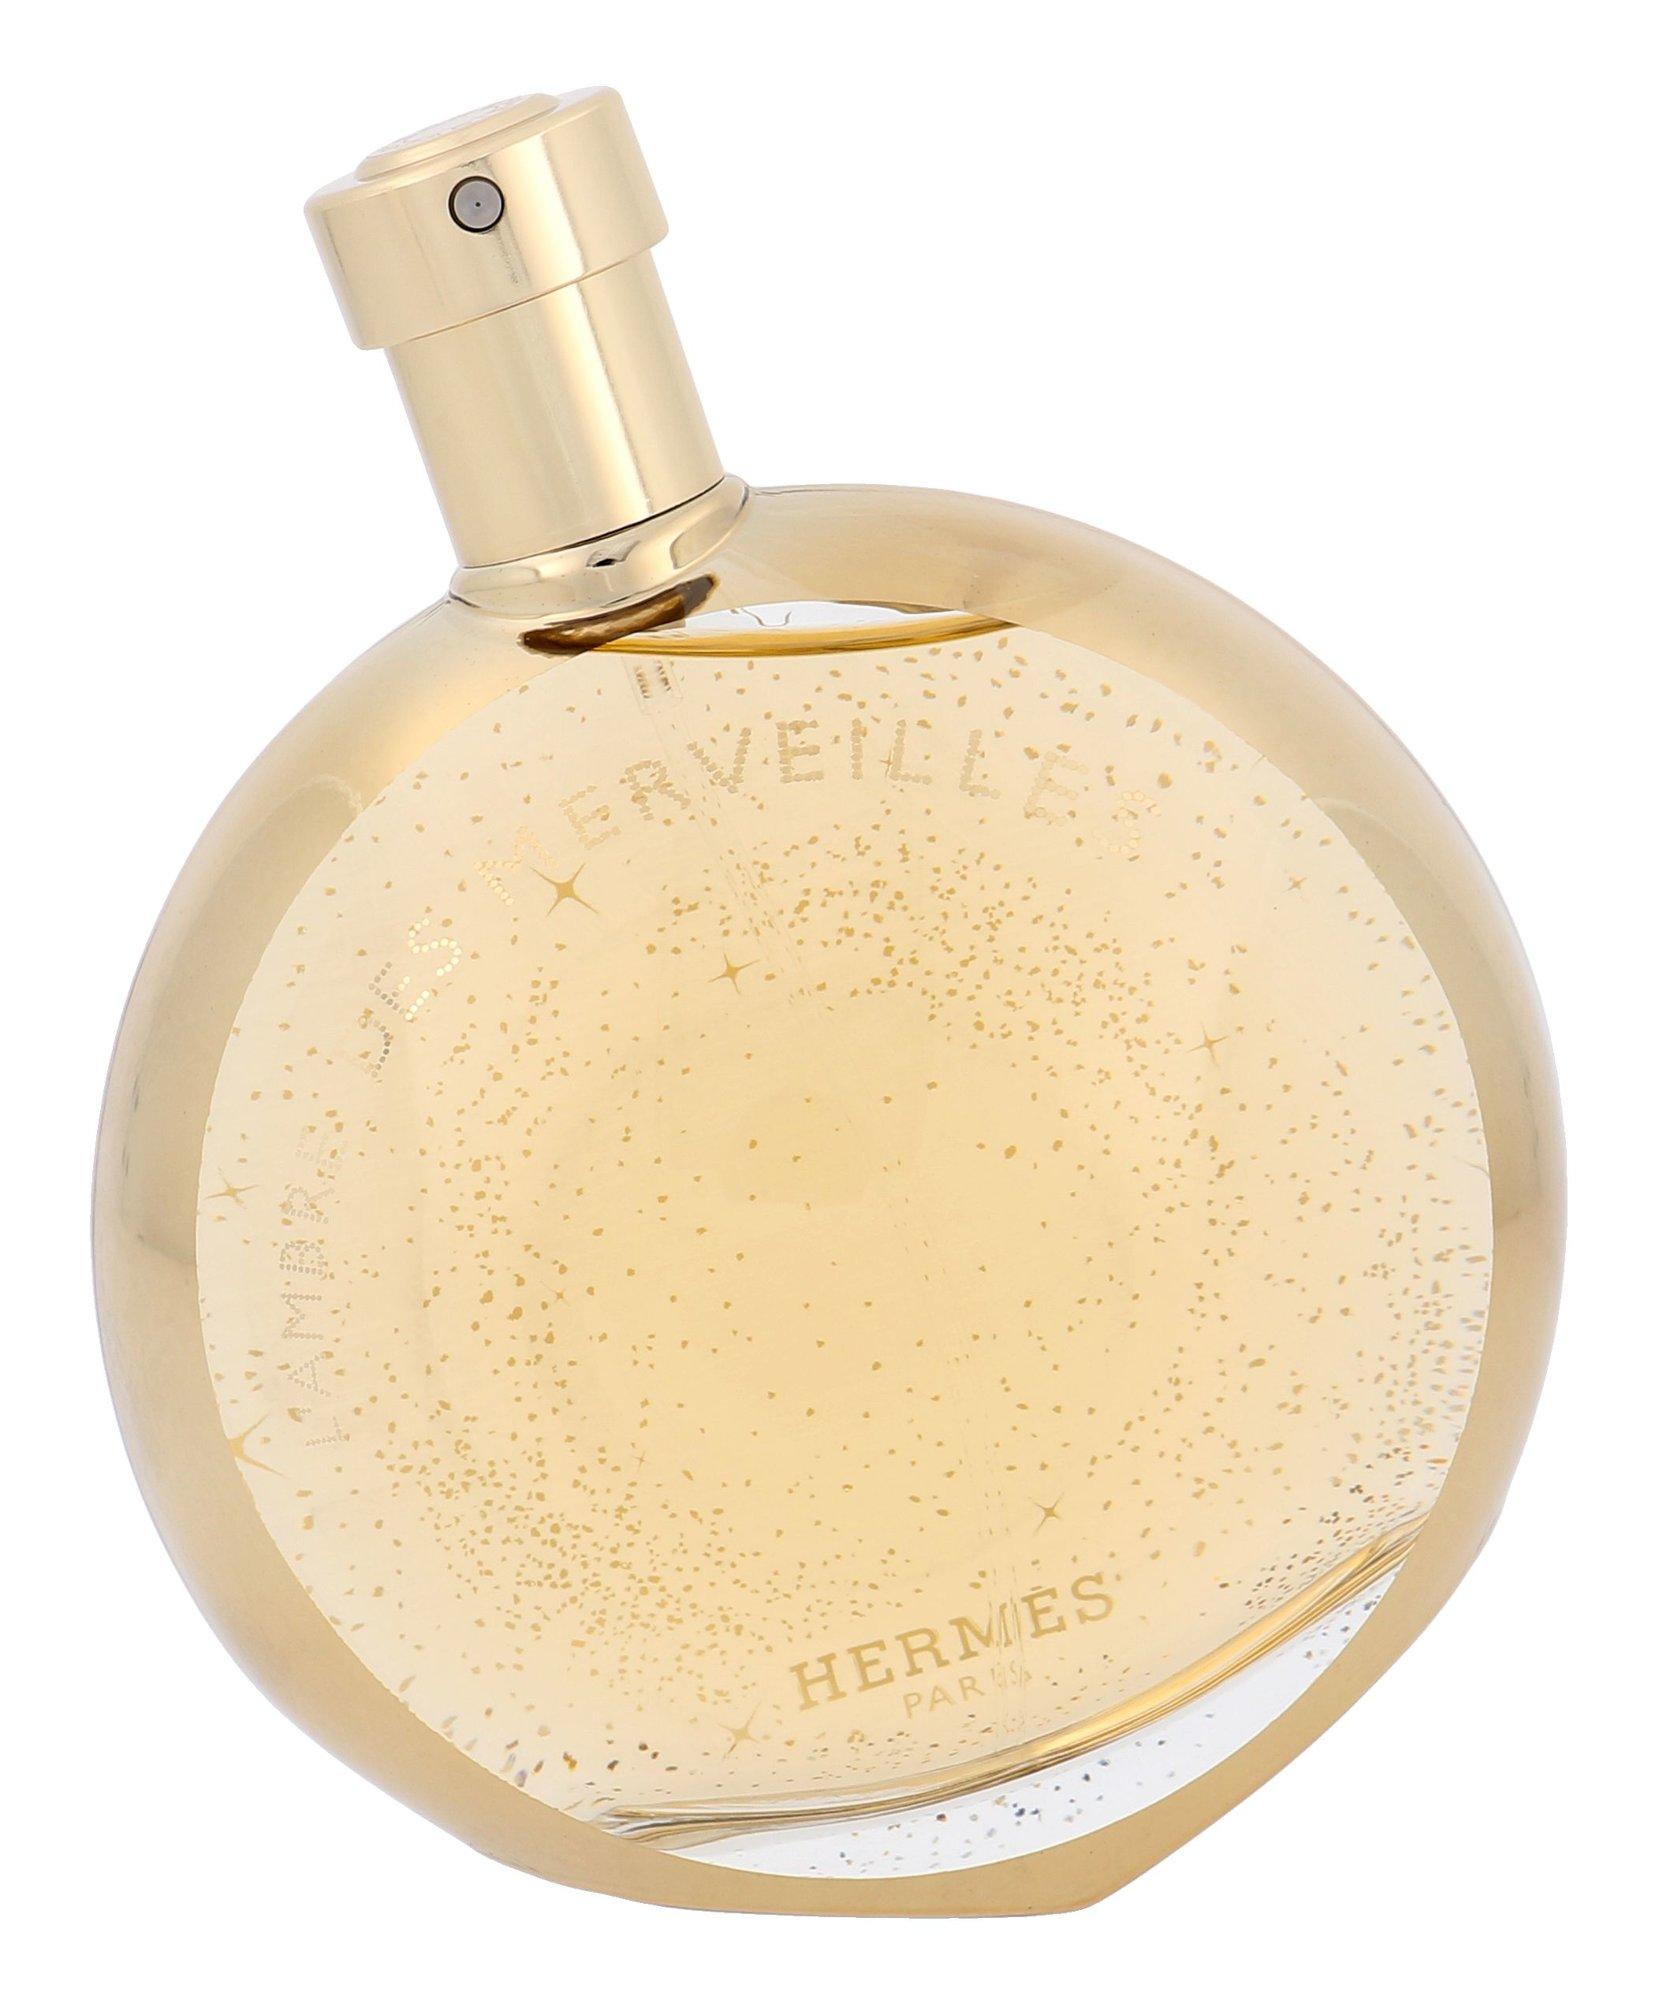 Hermes L´Ambre des Merveilles EDP 100ml